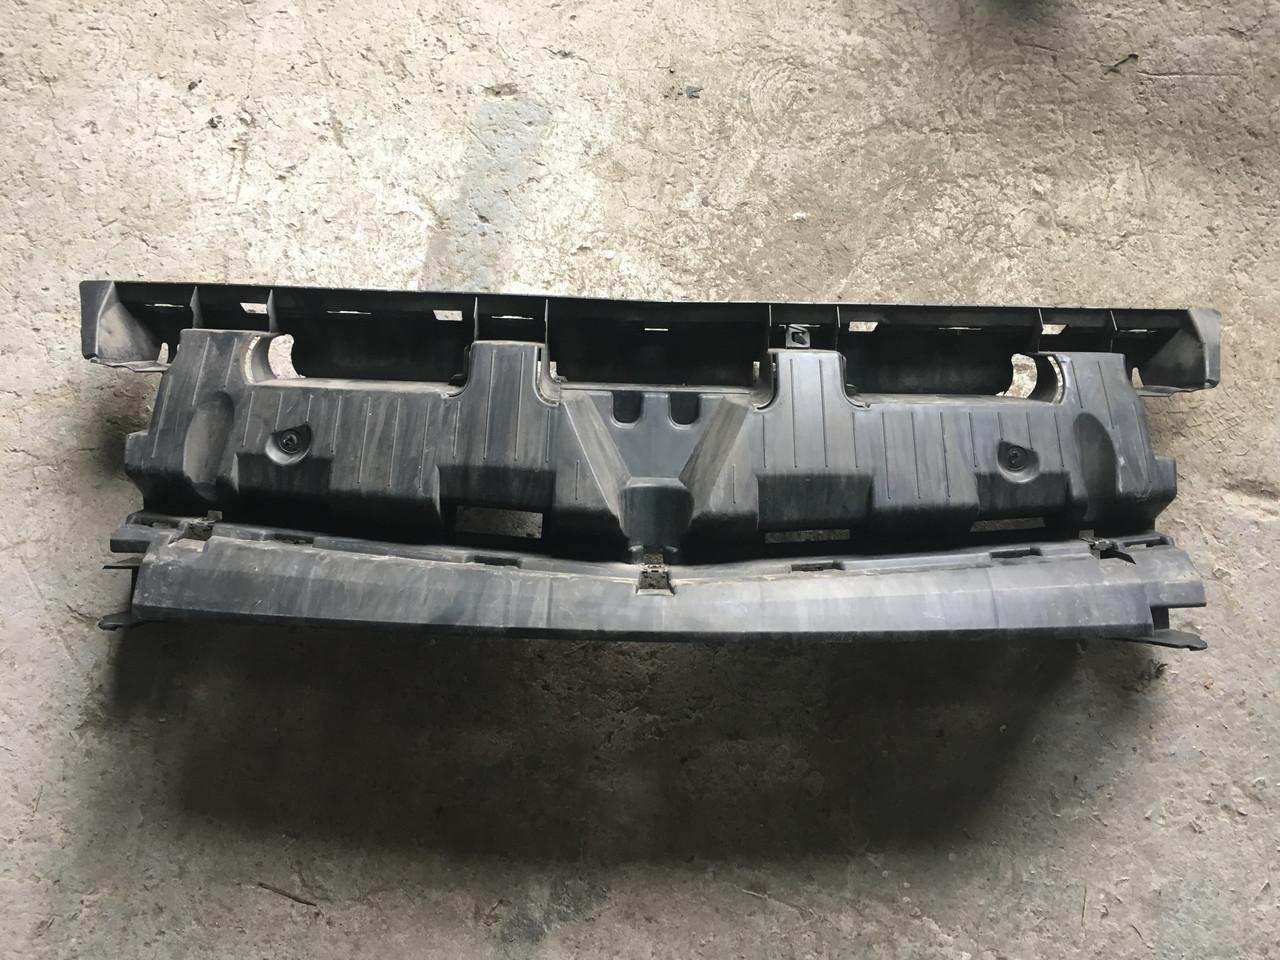 Б/у Решітка радіатора внутрішня 620363336R (телевізор, рамка) Renault Kangoo Рено Кенго 2008-2013 р. р.